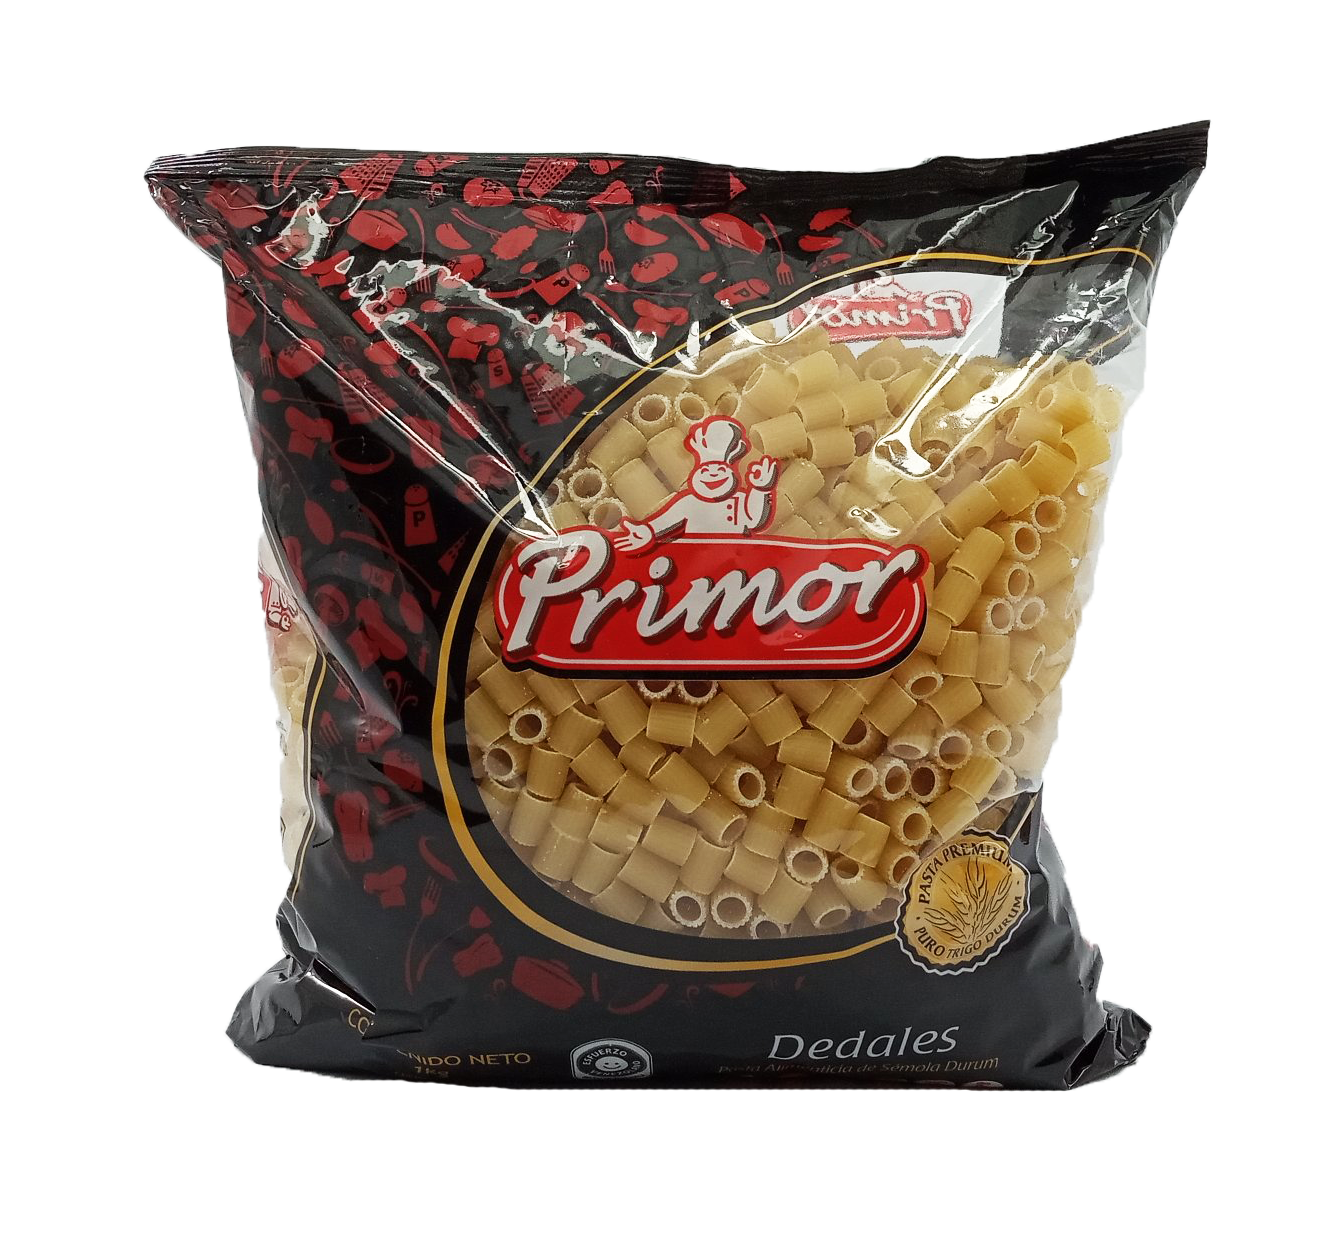 PRIMOR PASTA DEDALES 1KG